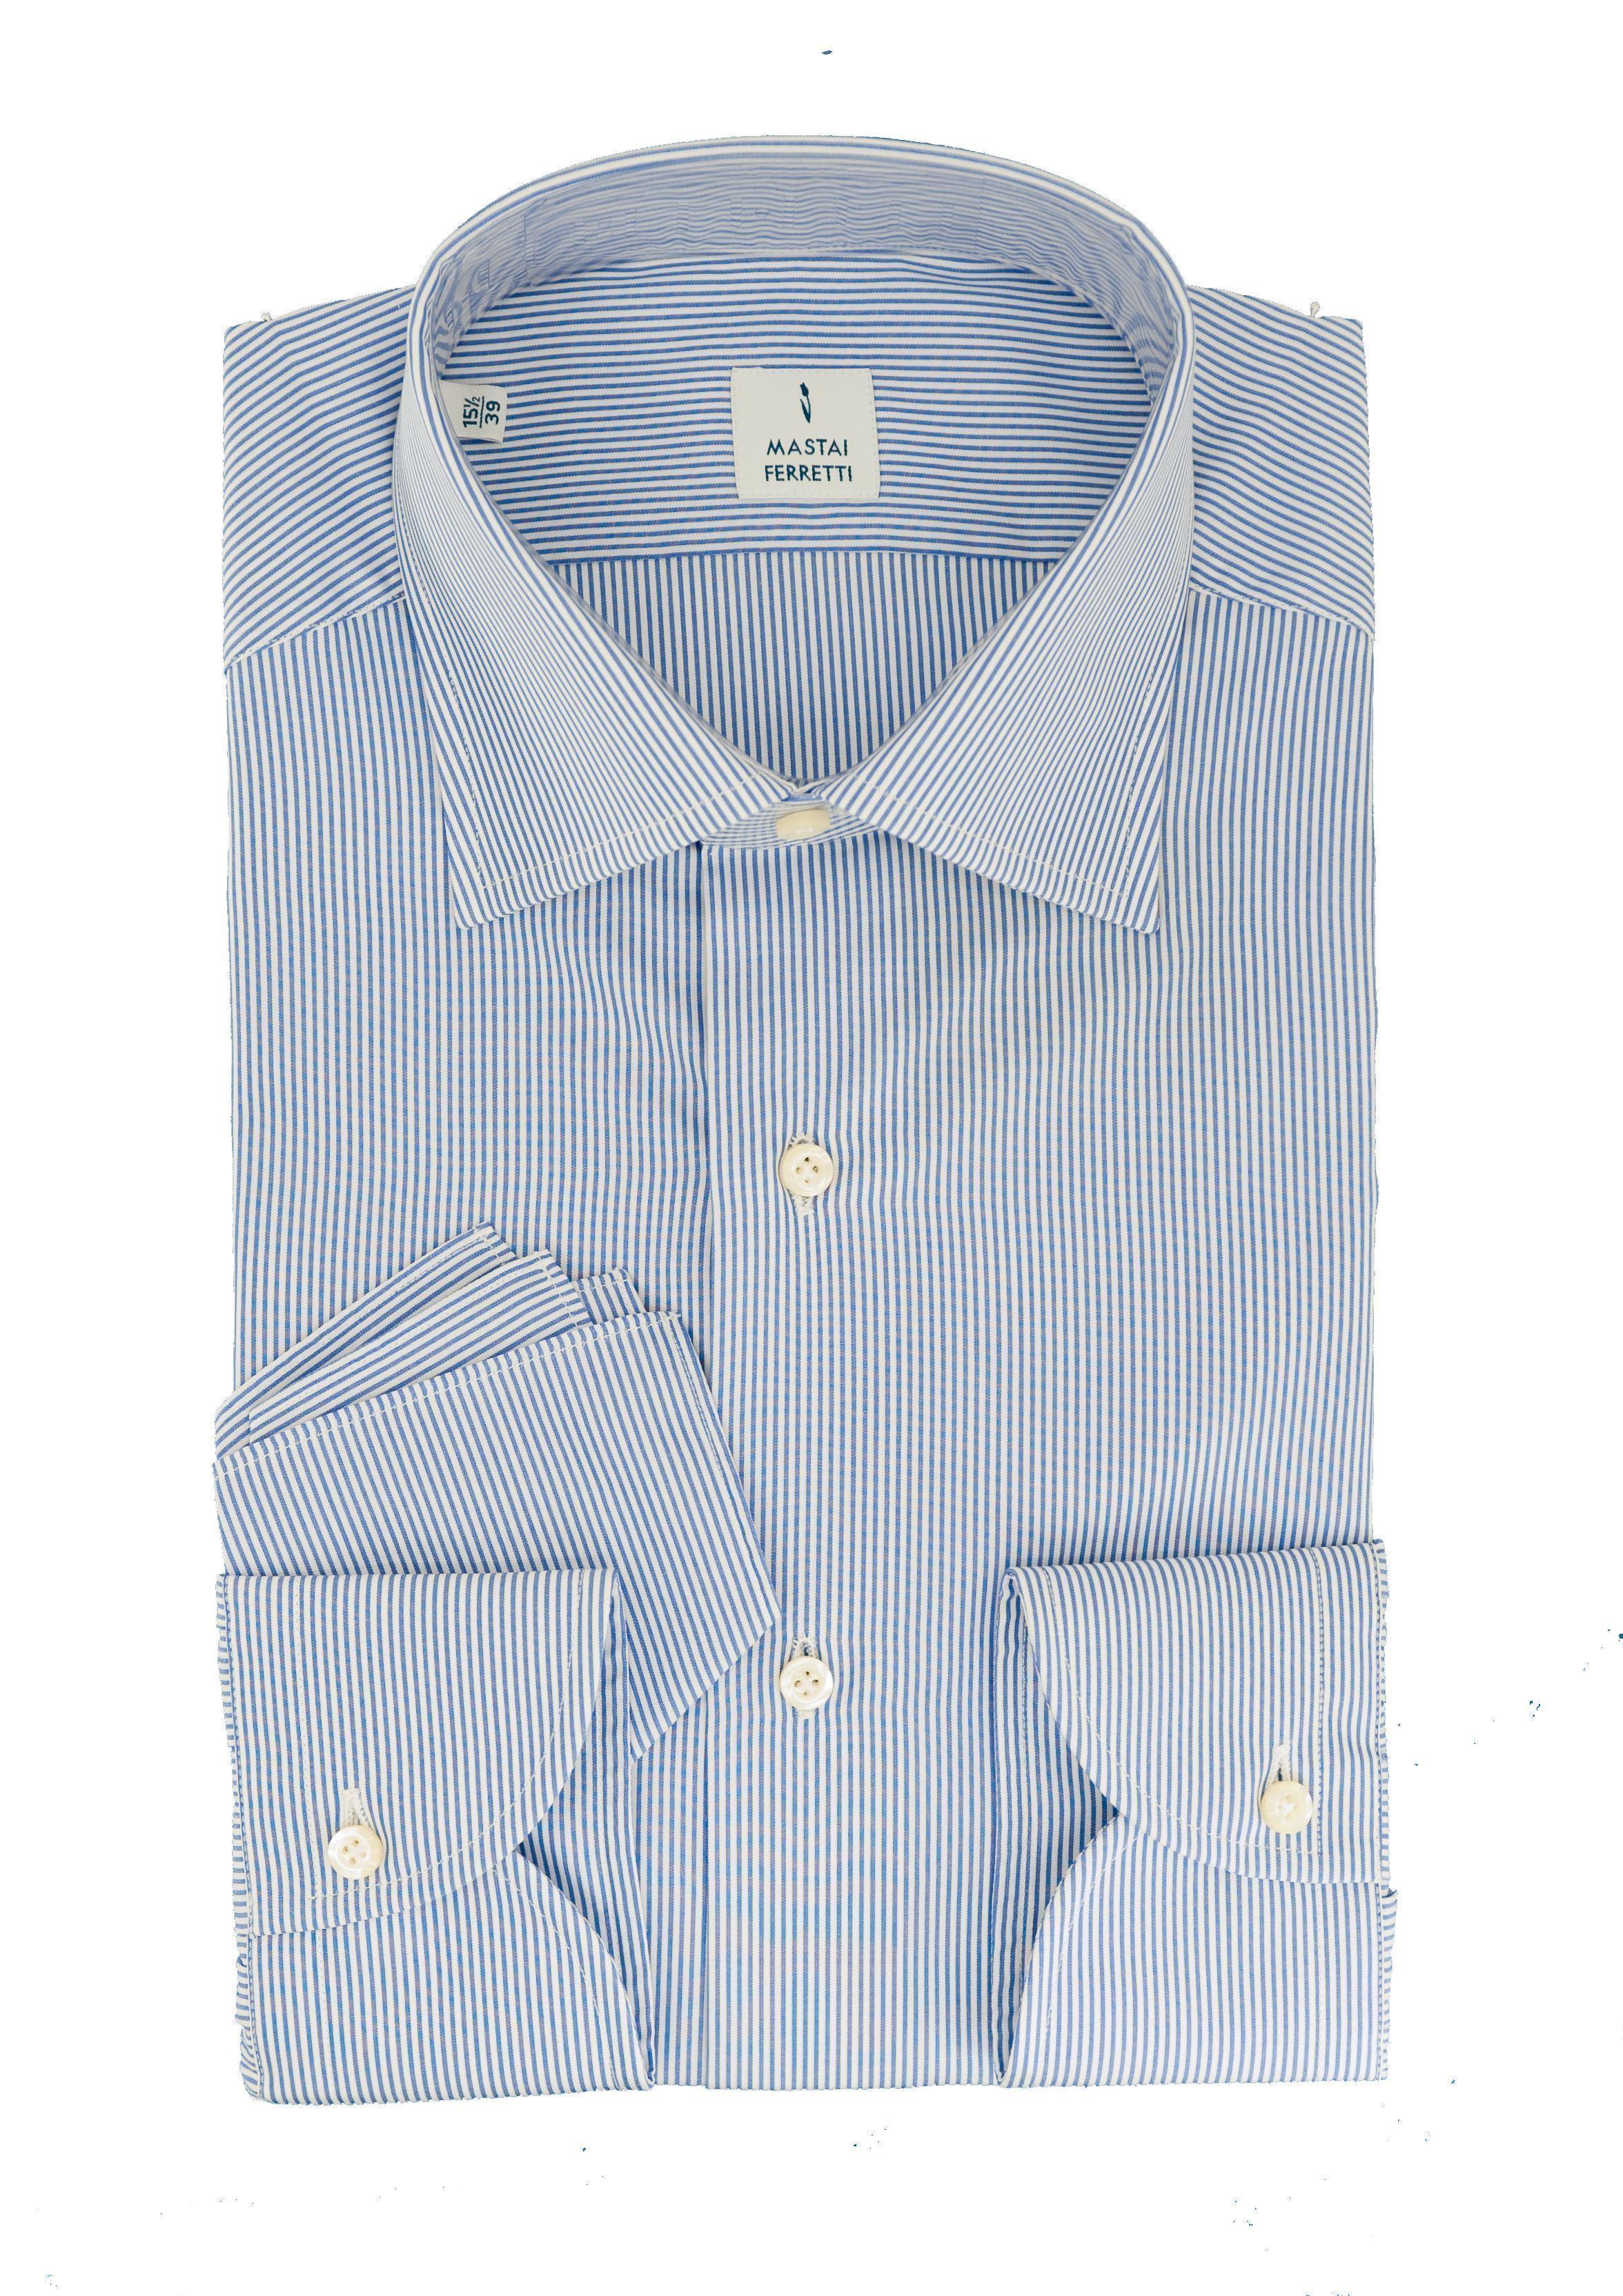 Mastai Ferretti camicia righe collo classico Vestibilità Custom ... e68460ceec6a